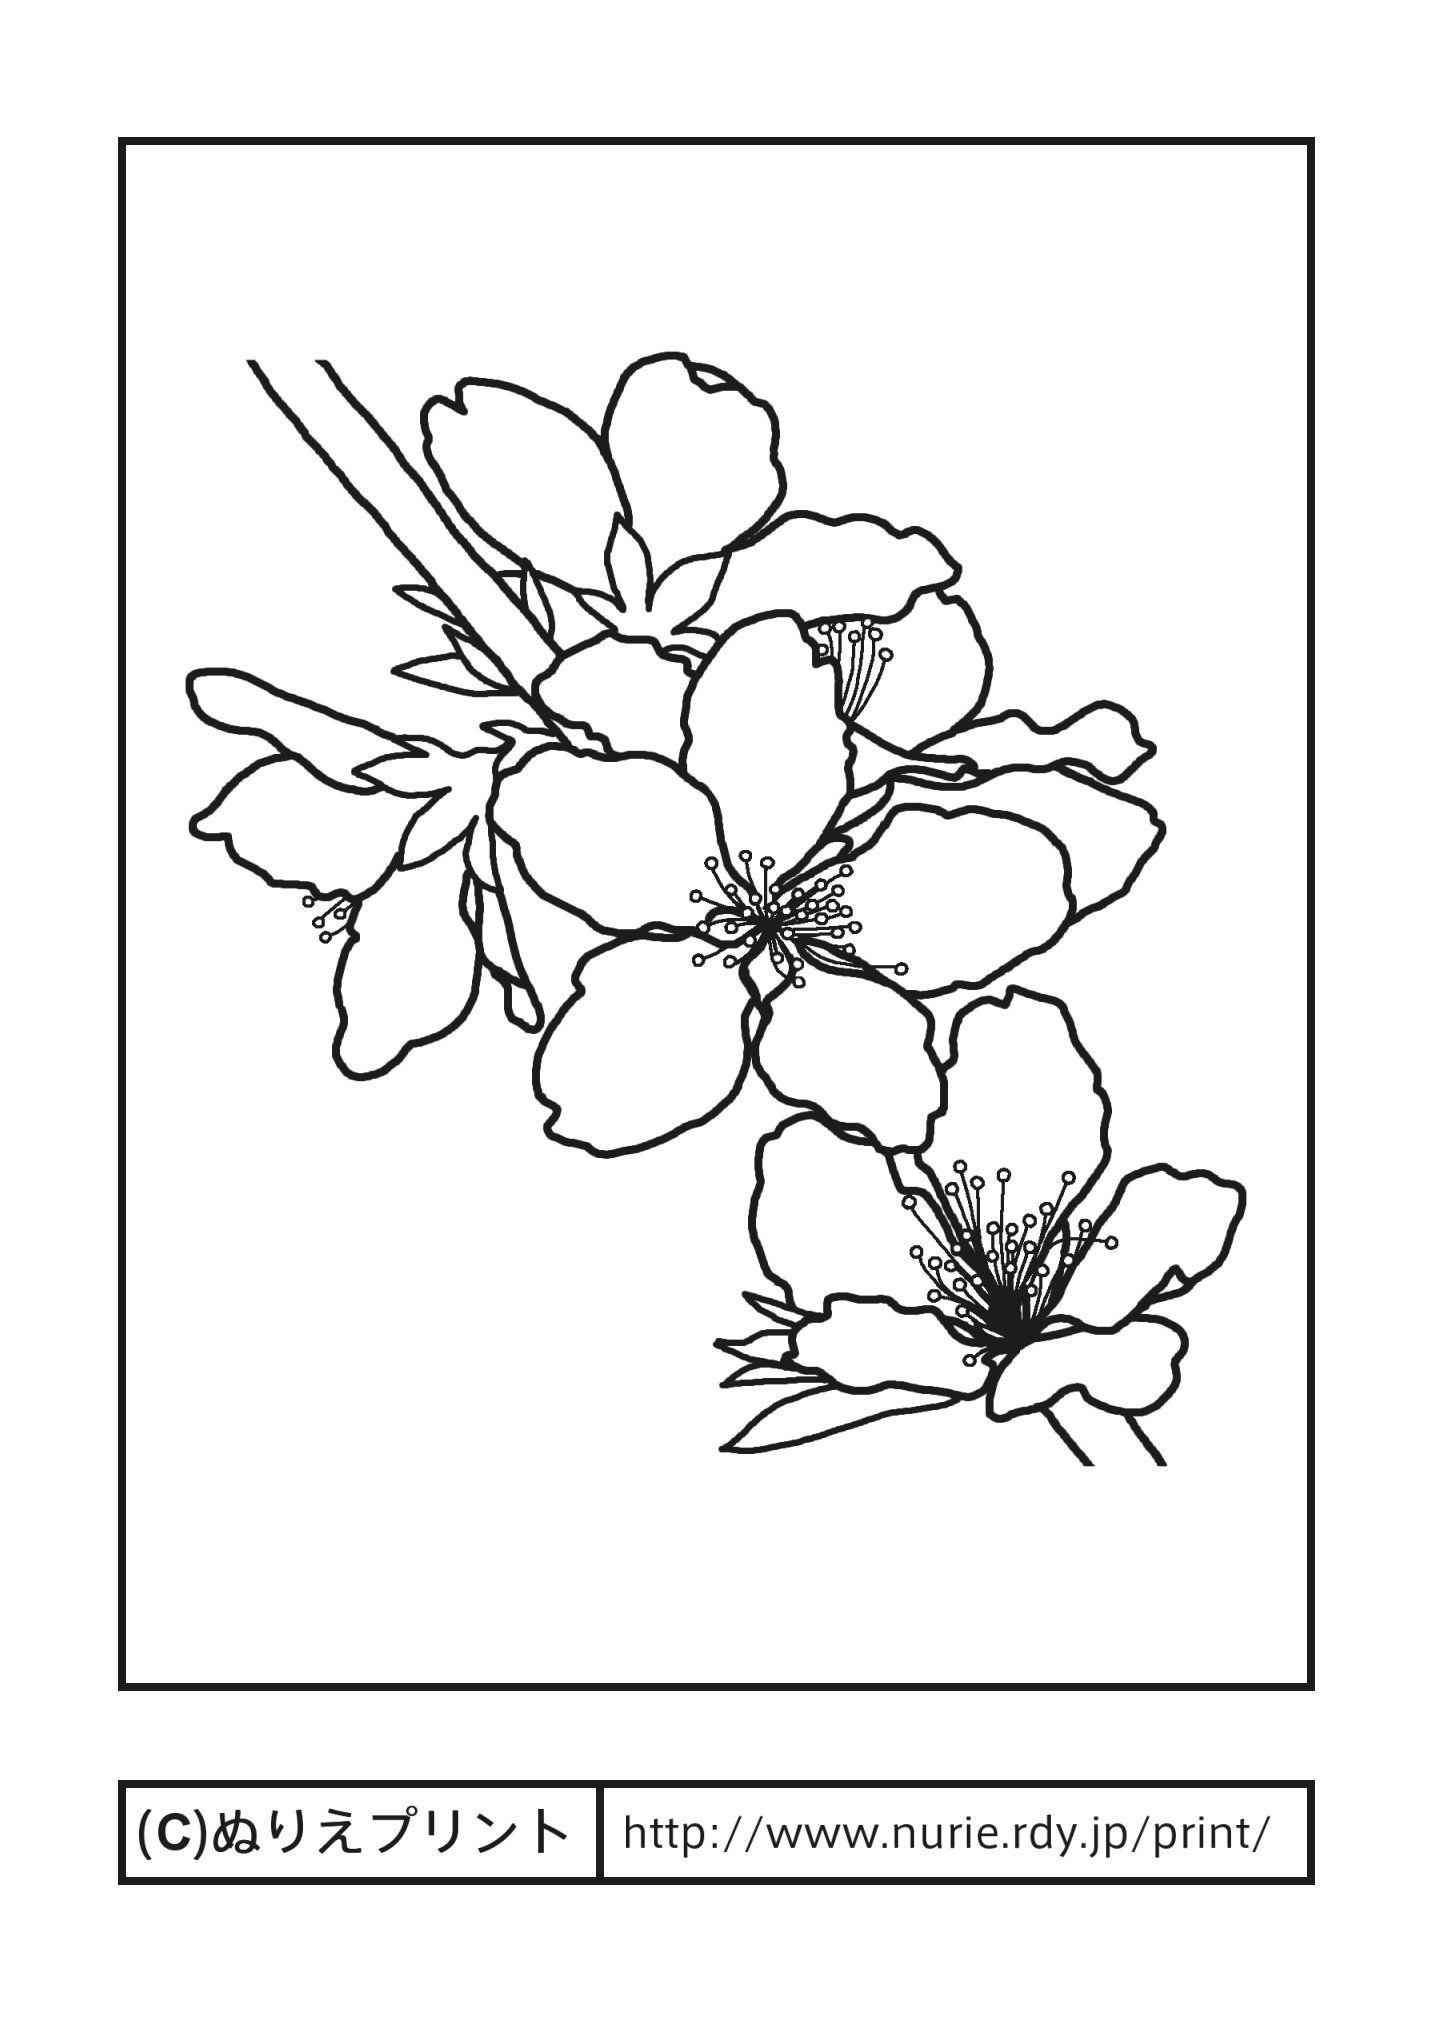 モモの花桃の花主線黒岡山県の花無料塗り絵都道府県ぬりえ